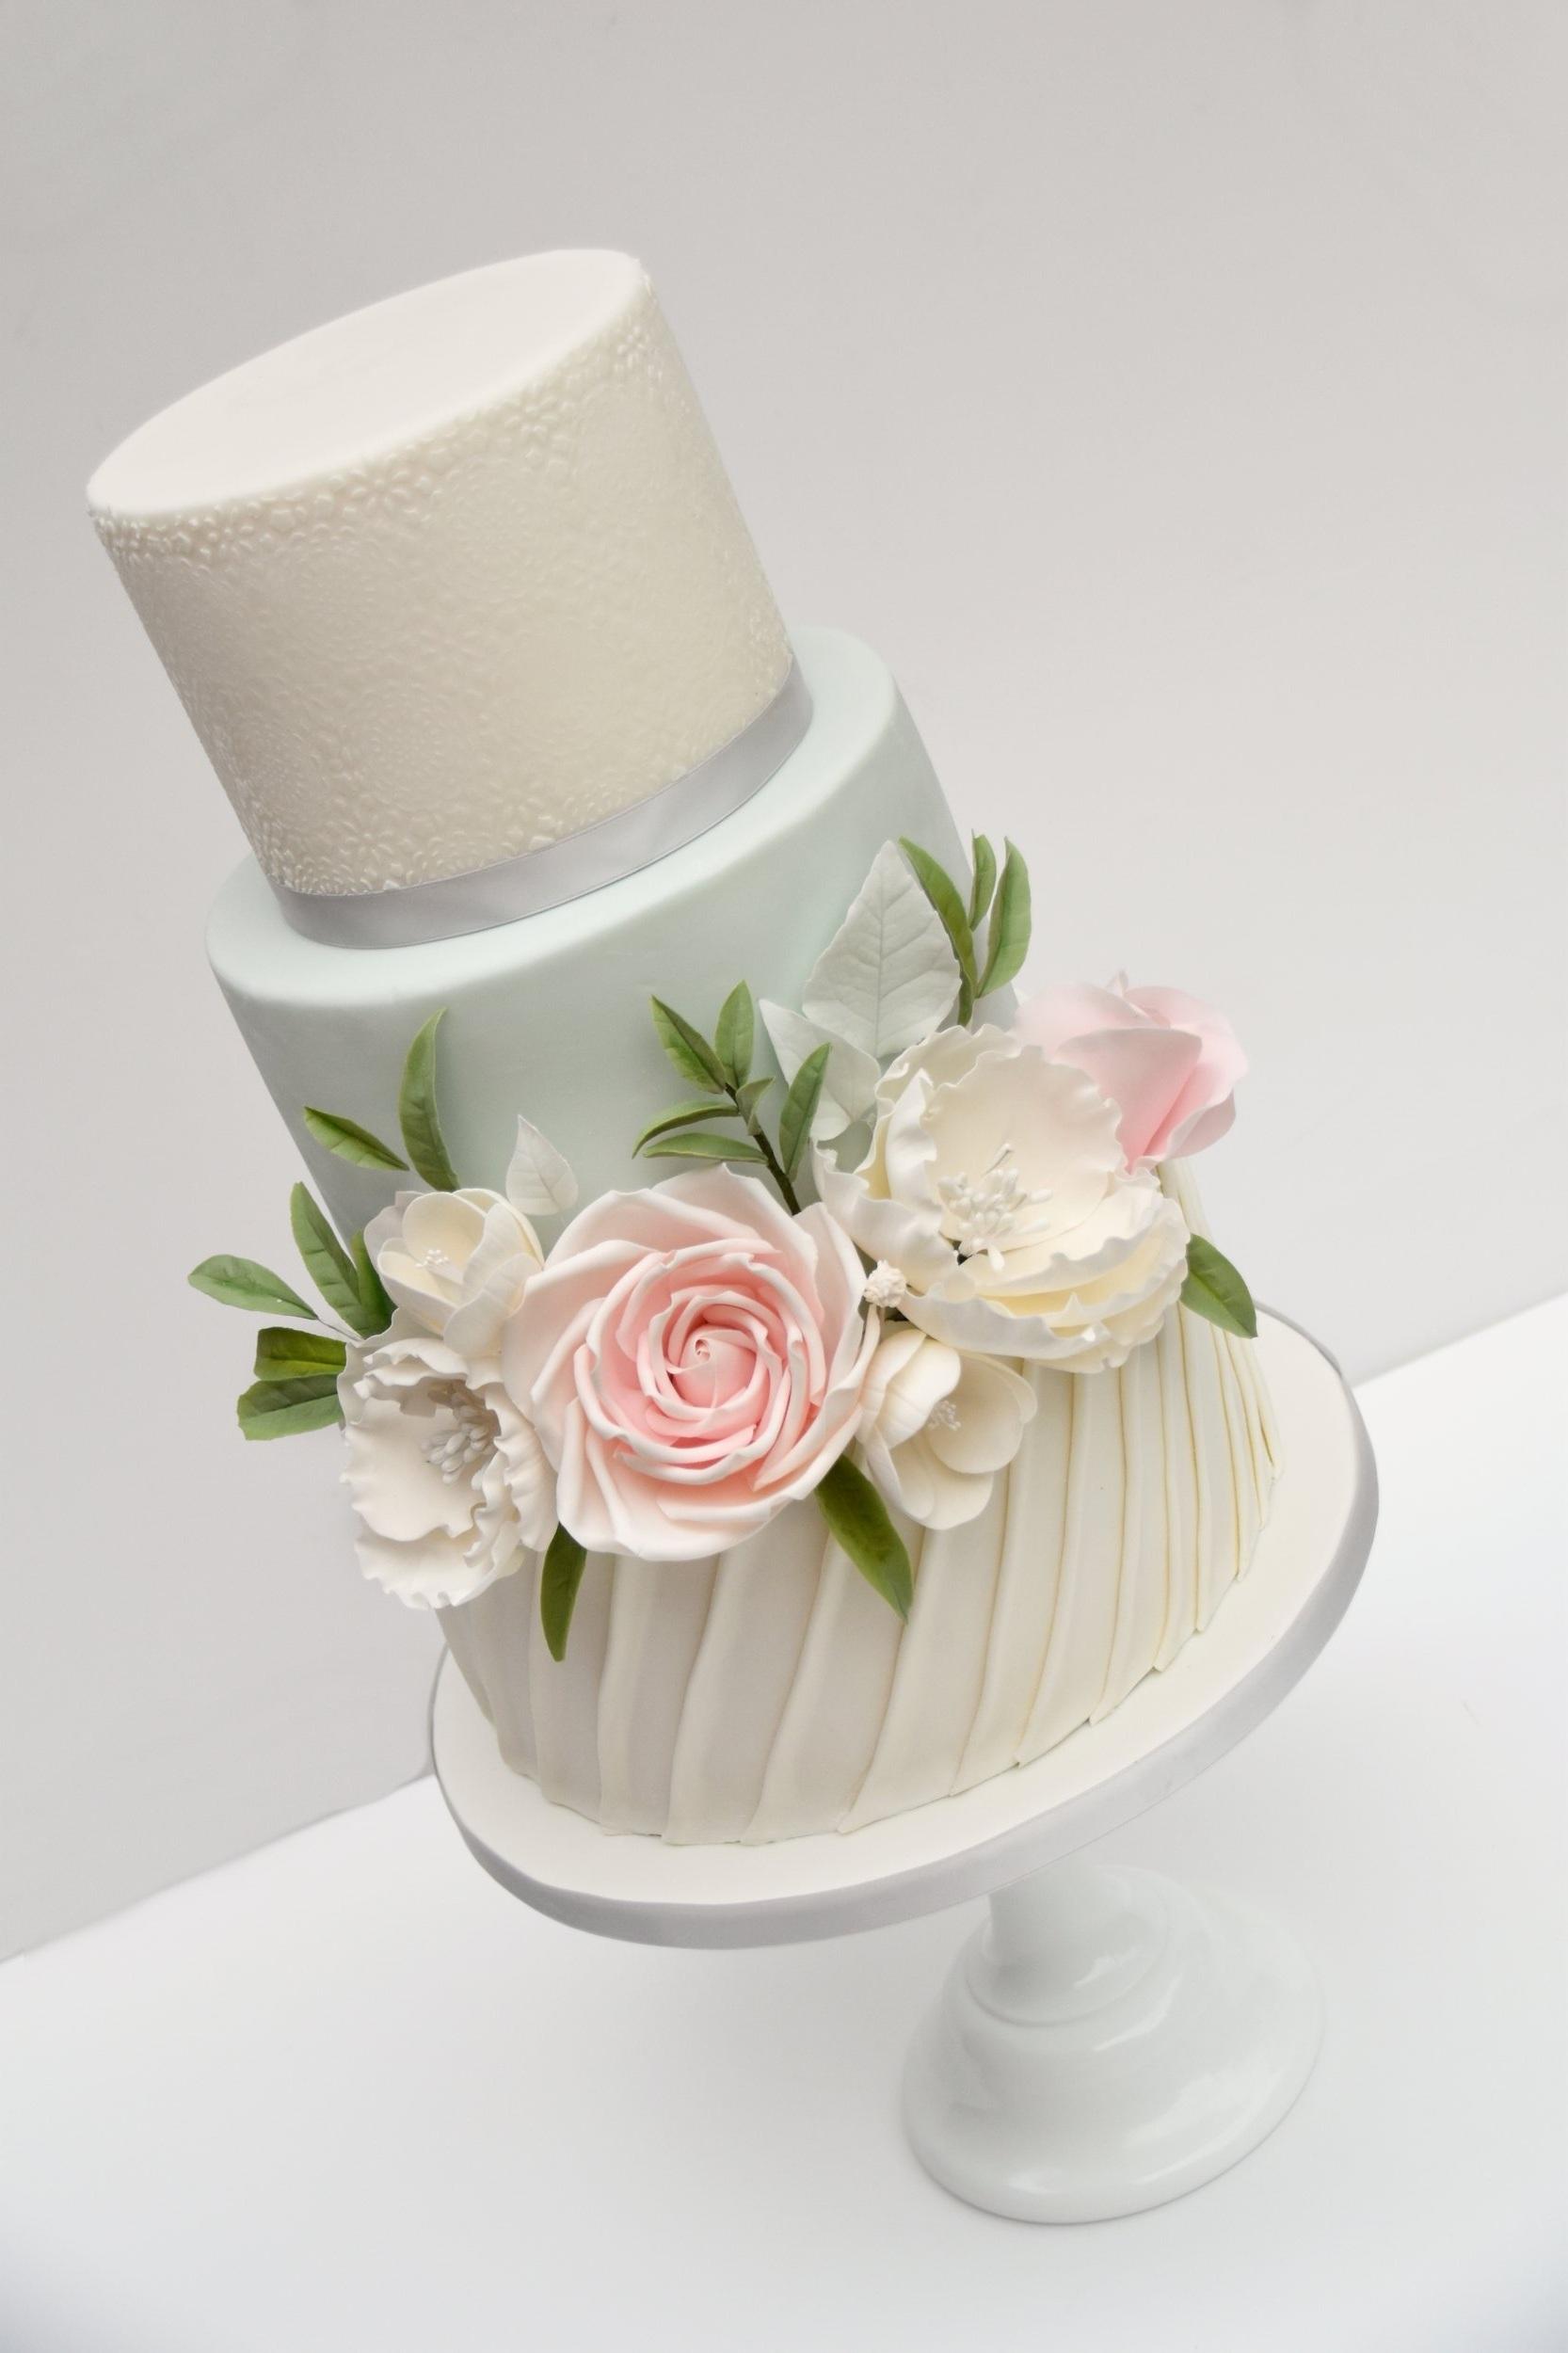 luxury wedding cakes hertfordshire